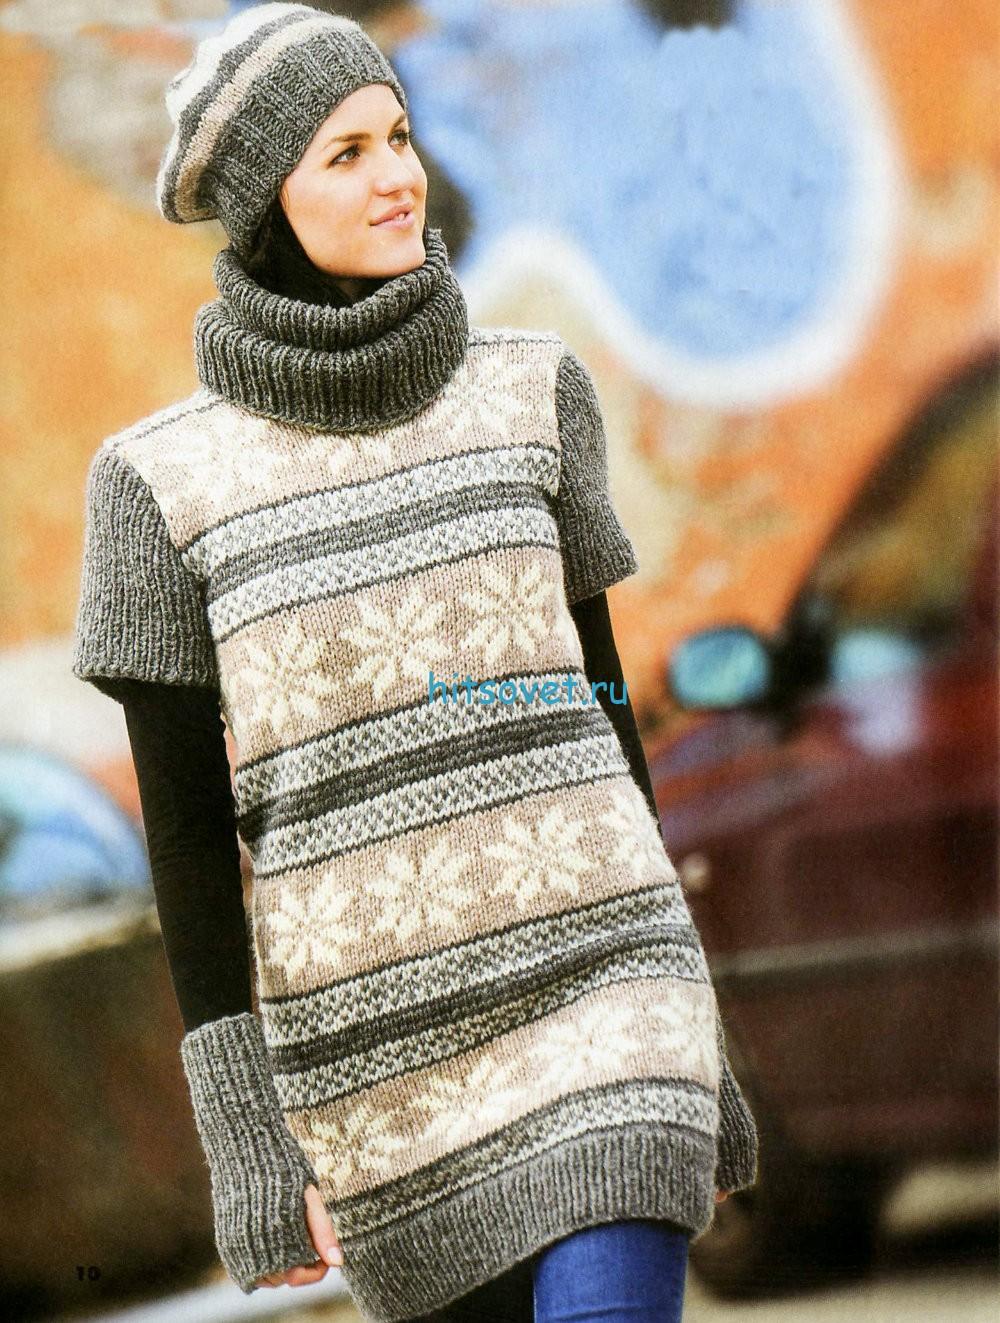 Вязание туники, шапки, шарфа и митенок, фото.